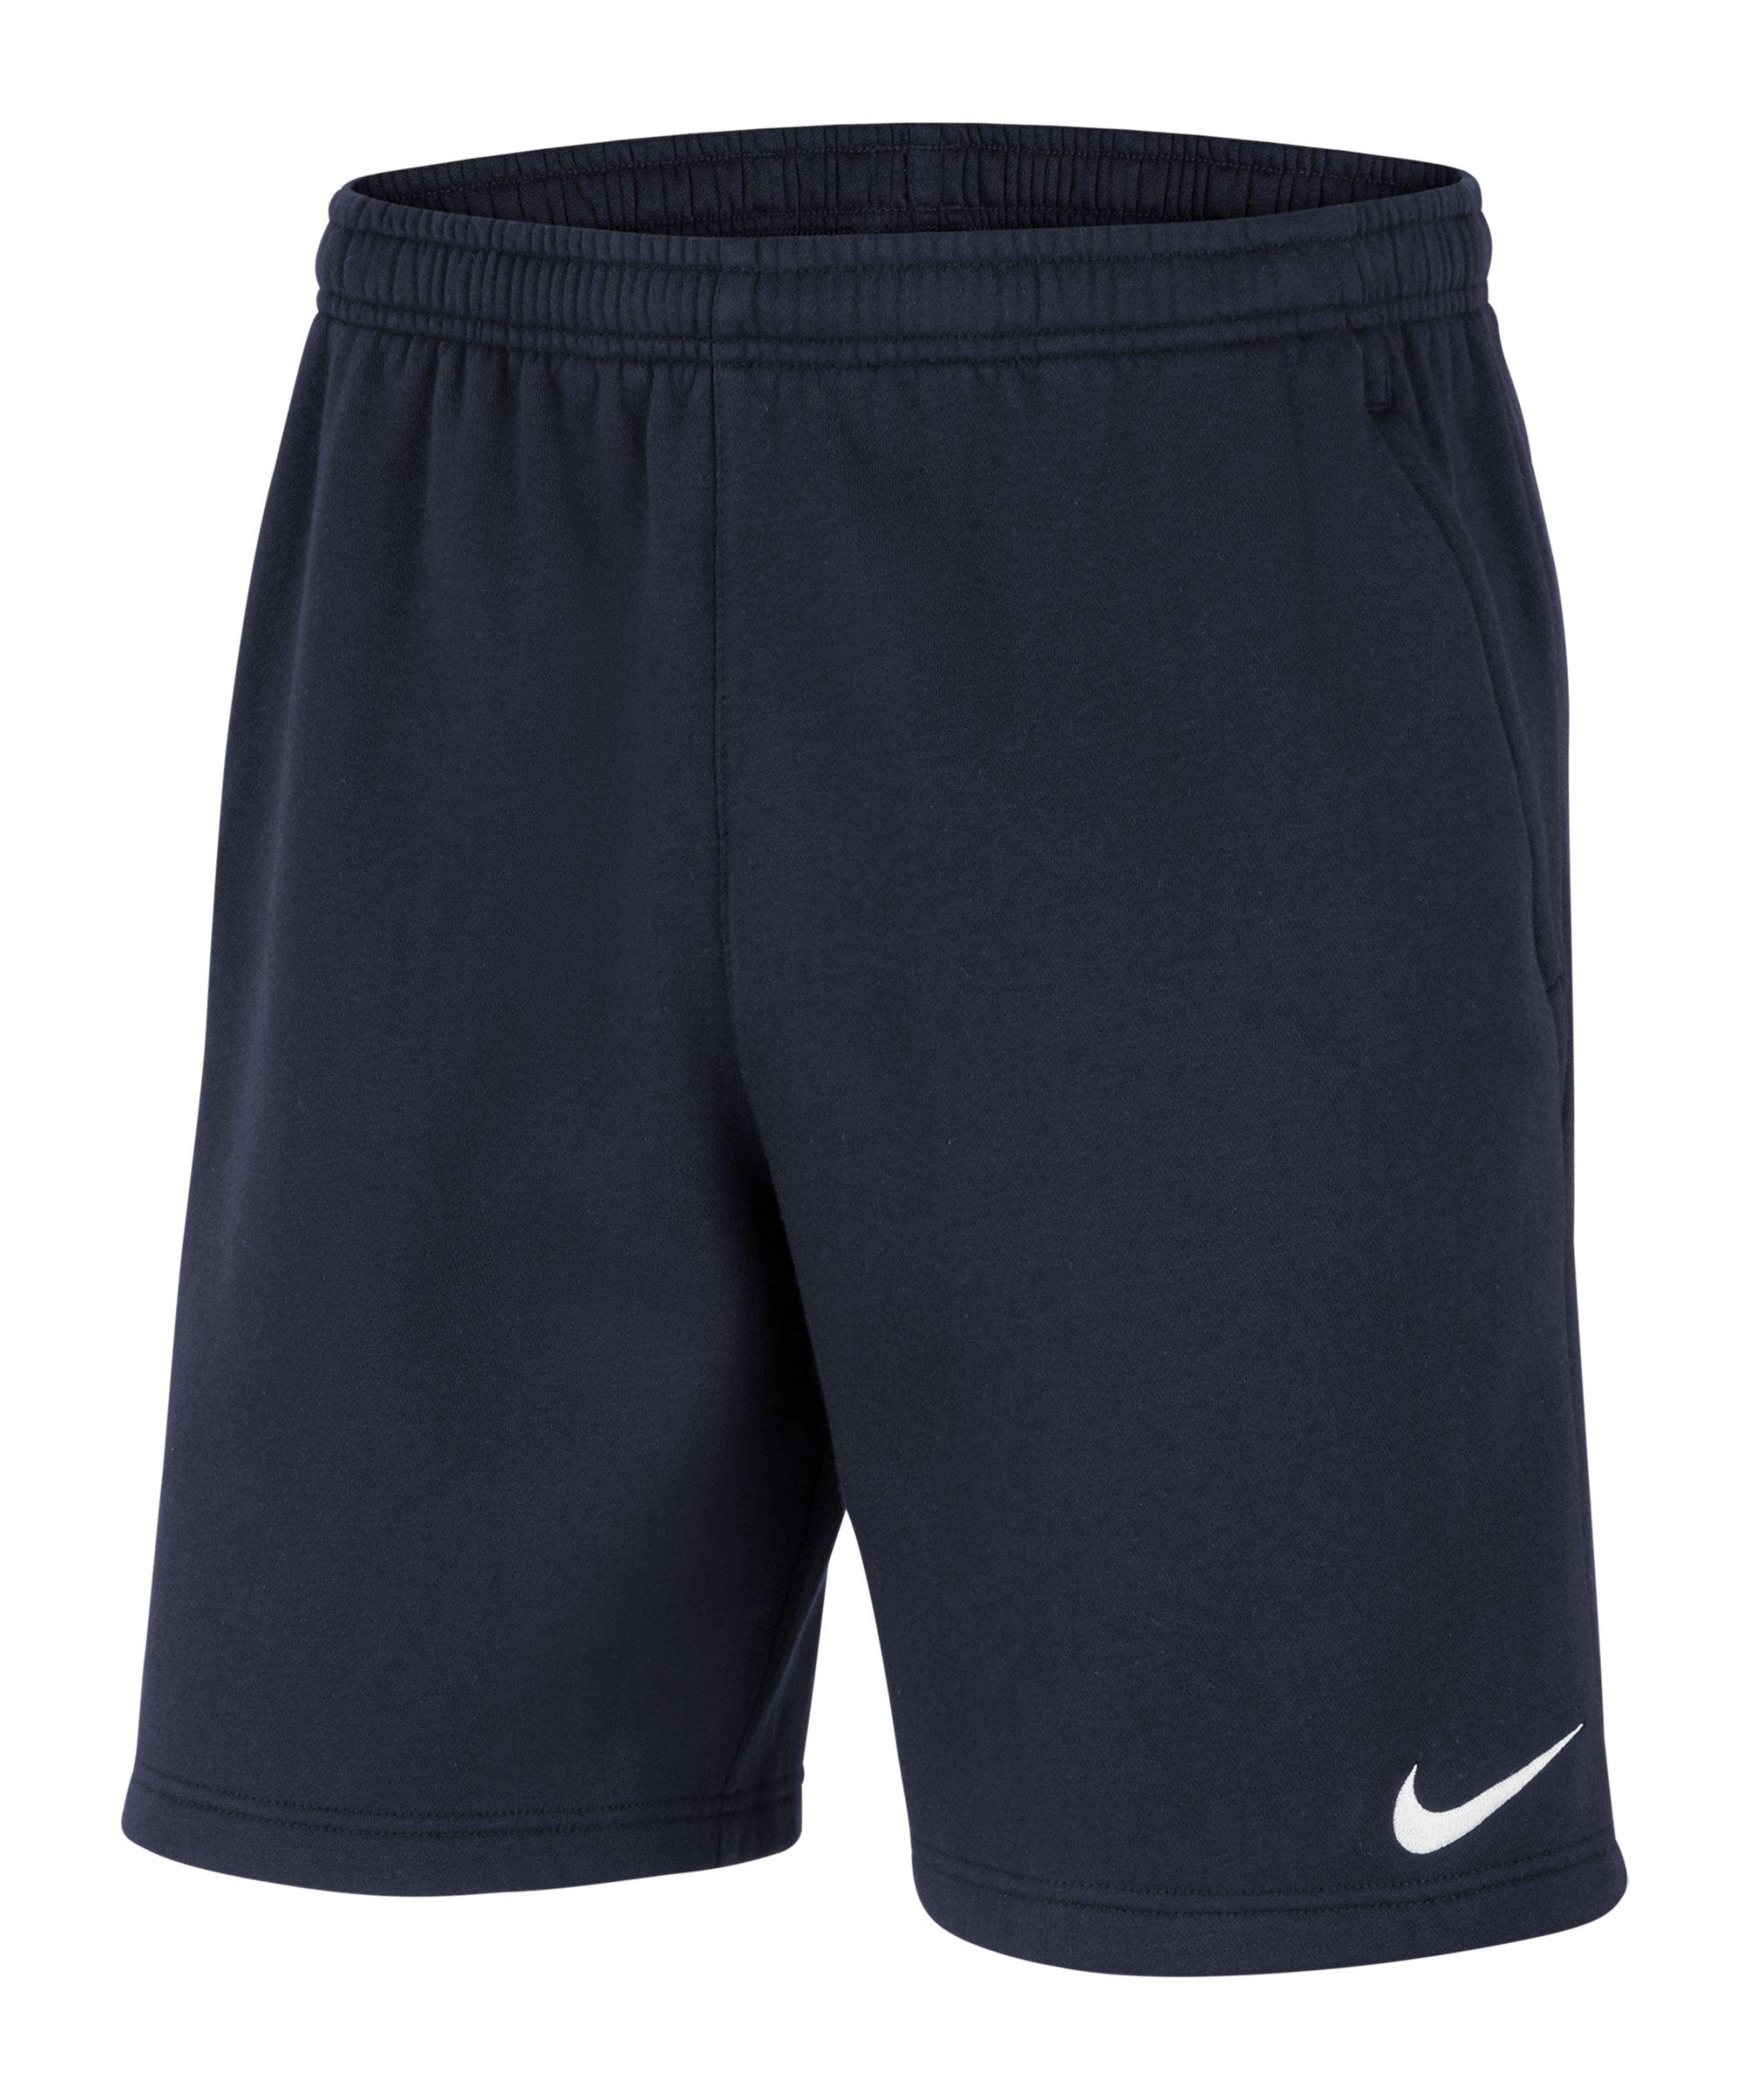 Nike Park 20 Fleece Short Kids Blau Weiss F451 - blau